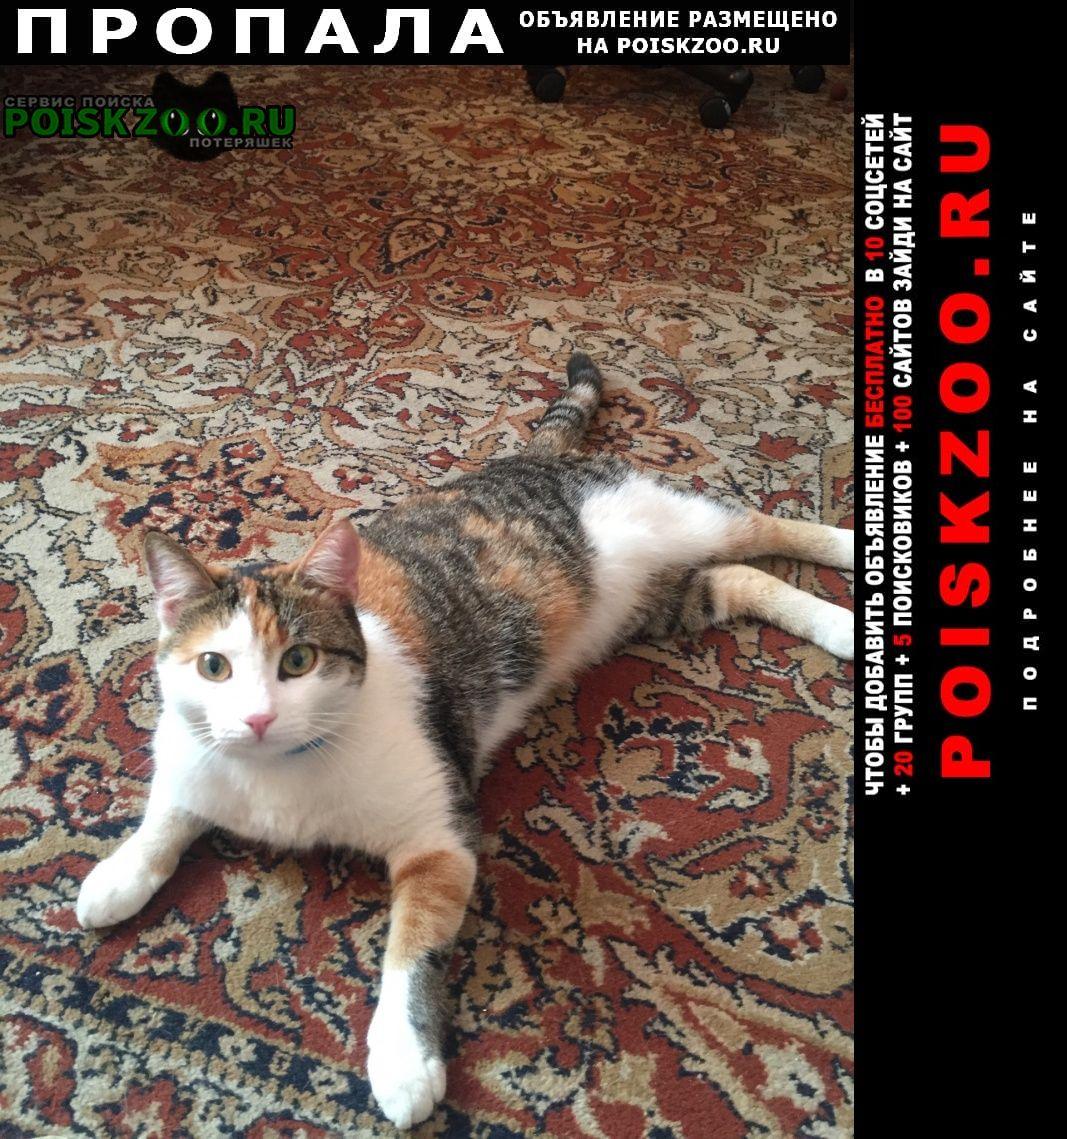 Пропала кошка скорее всего в купчино Санкт-Петербург